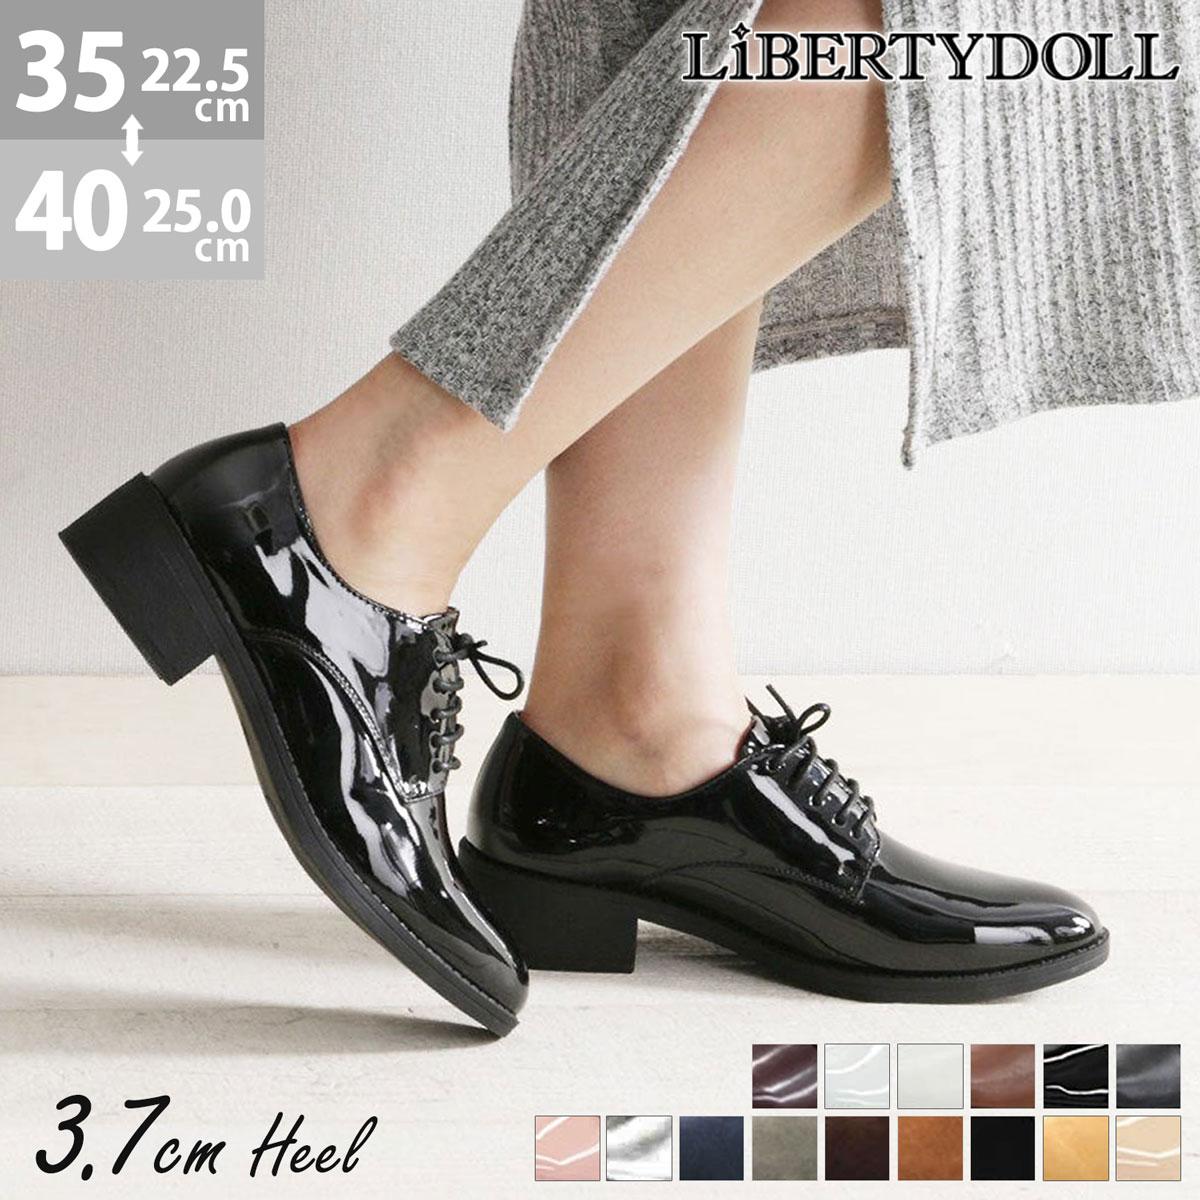 オックスフォードシューズ レディース 歩きやすい カジュアル靴 22.5cm〜25.0cm 全15色【送料無料】【Liberty doll】154-5433【2足4000円対象】フラットシューズ 靴 ひも靴 ダンスシューズ レディース